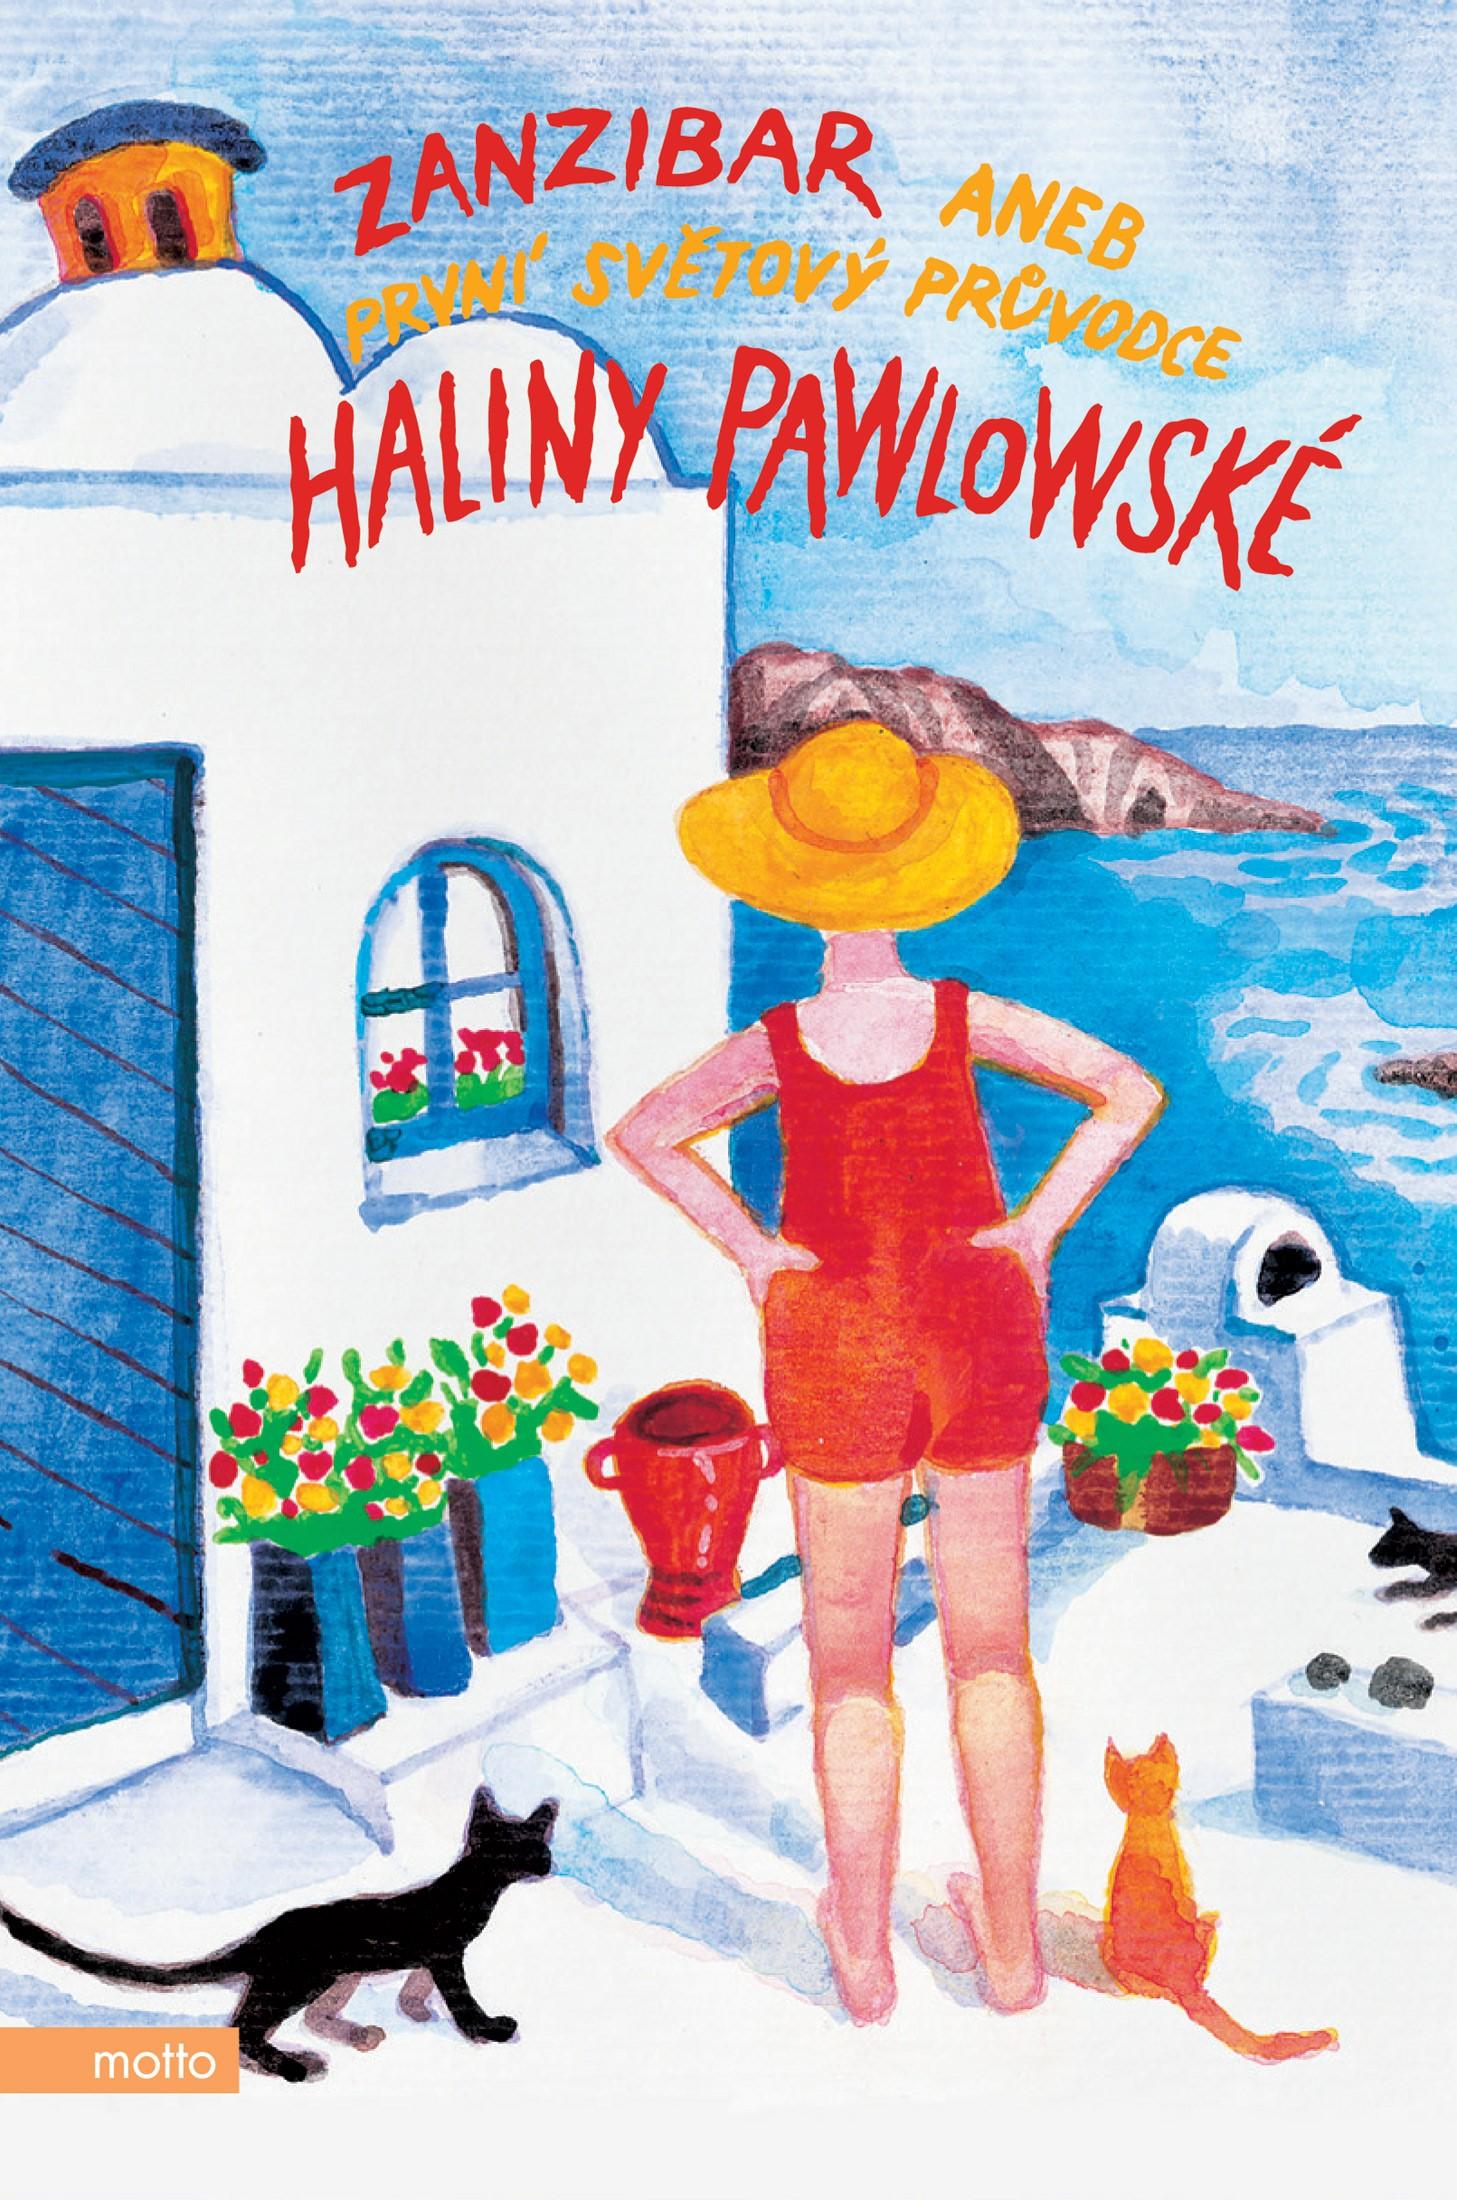 Zanzibar aneb První světový průvodce Haliny Pawlowské